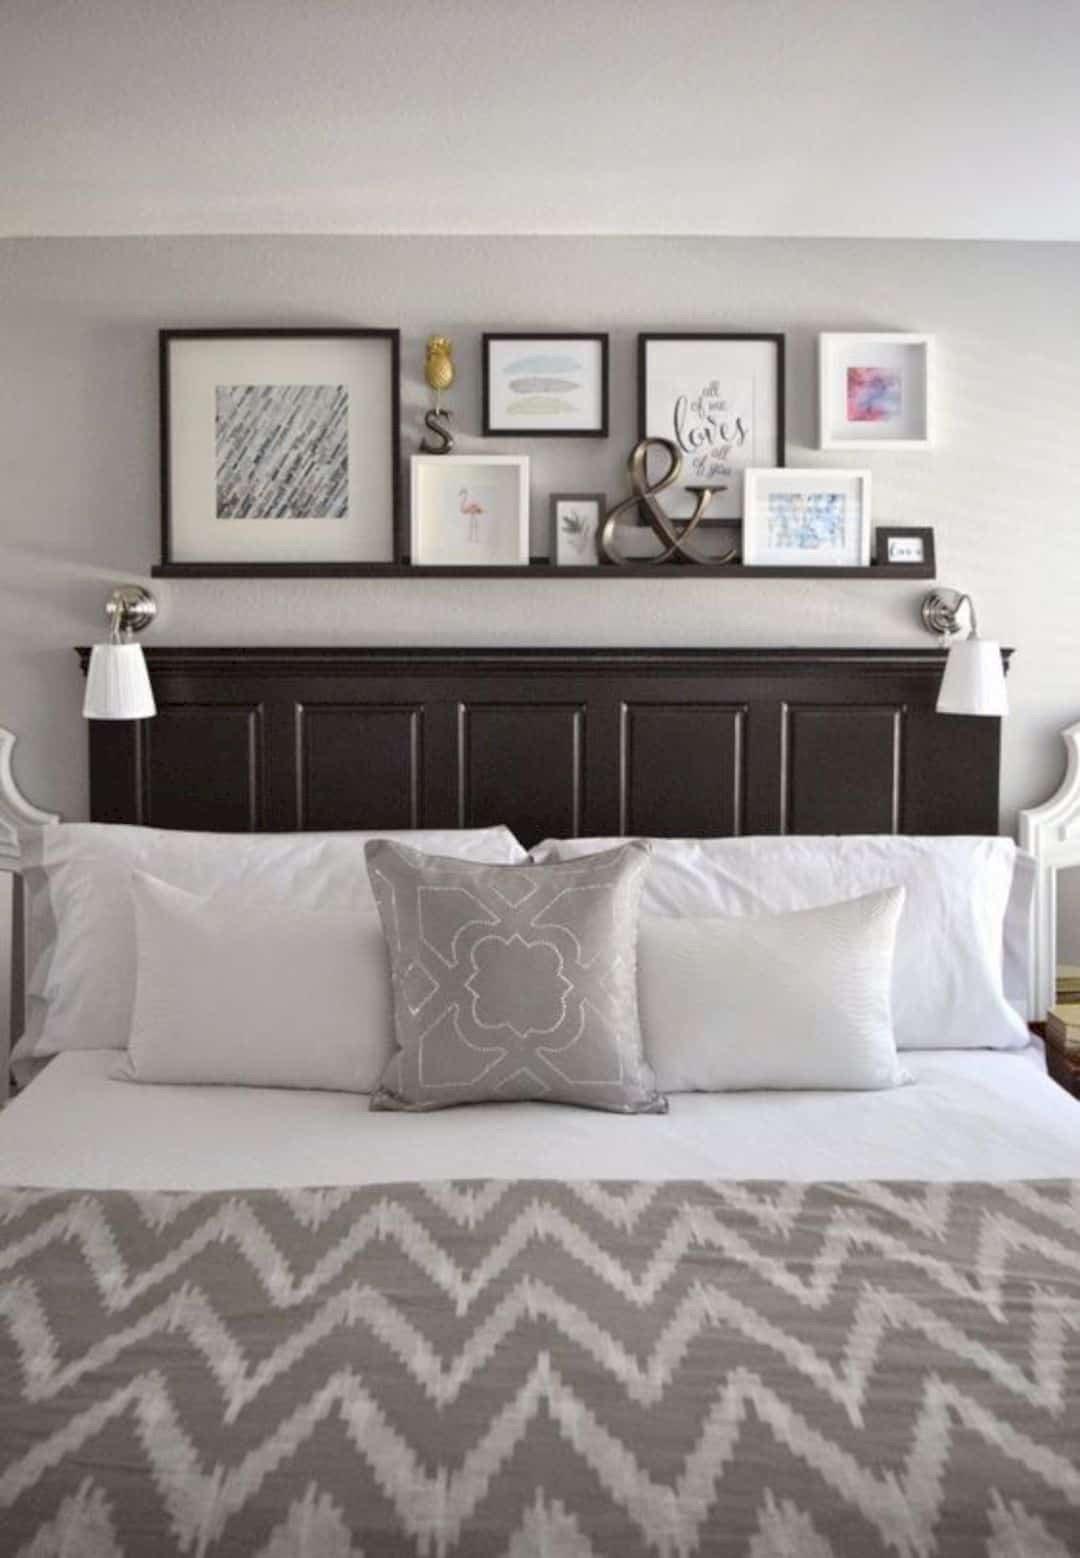 Master Bedroom Wall Decor Ideas Best Of 16 Fantastic Master Bedroom Decorating Ideas